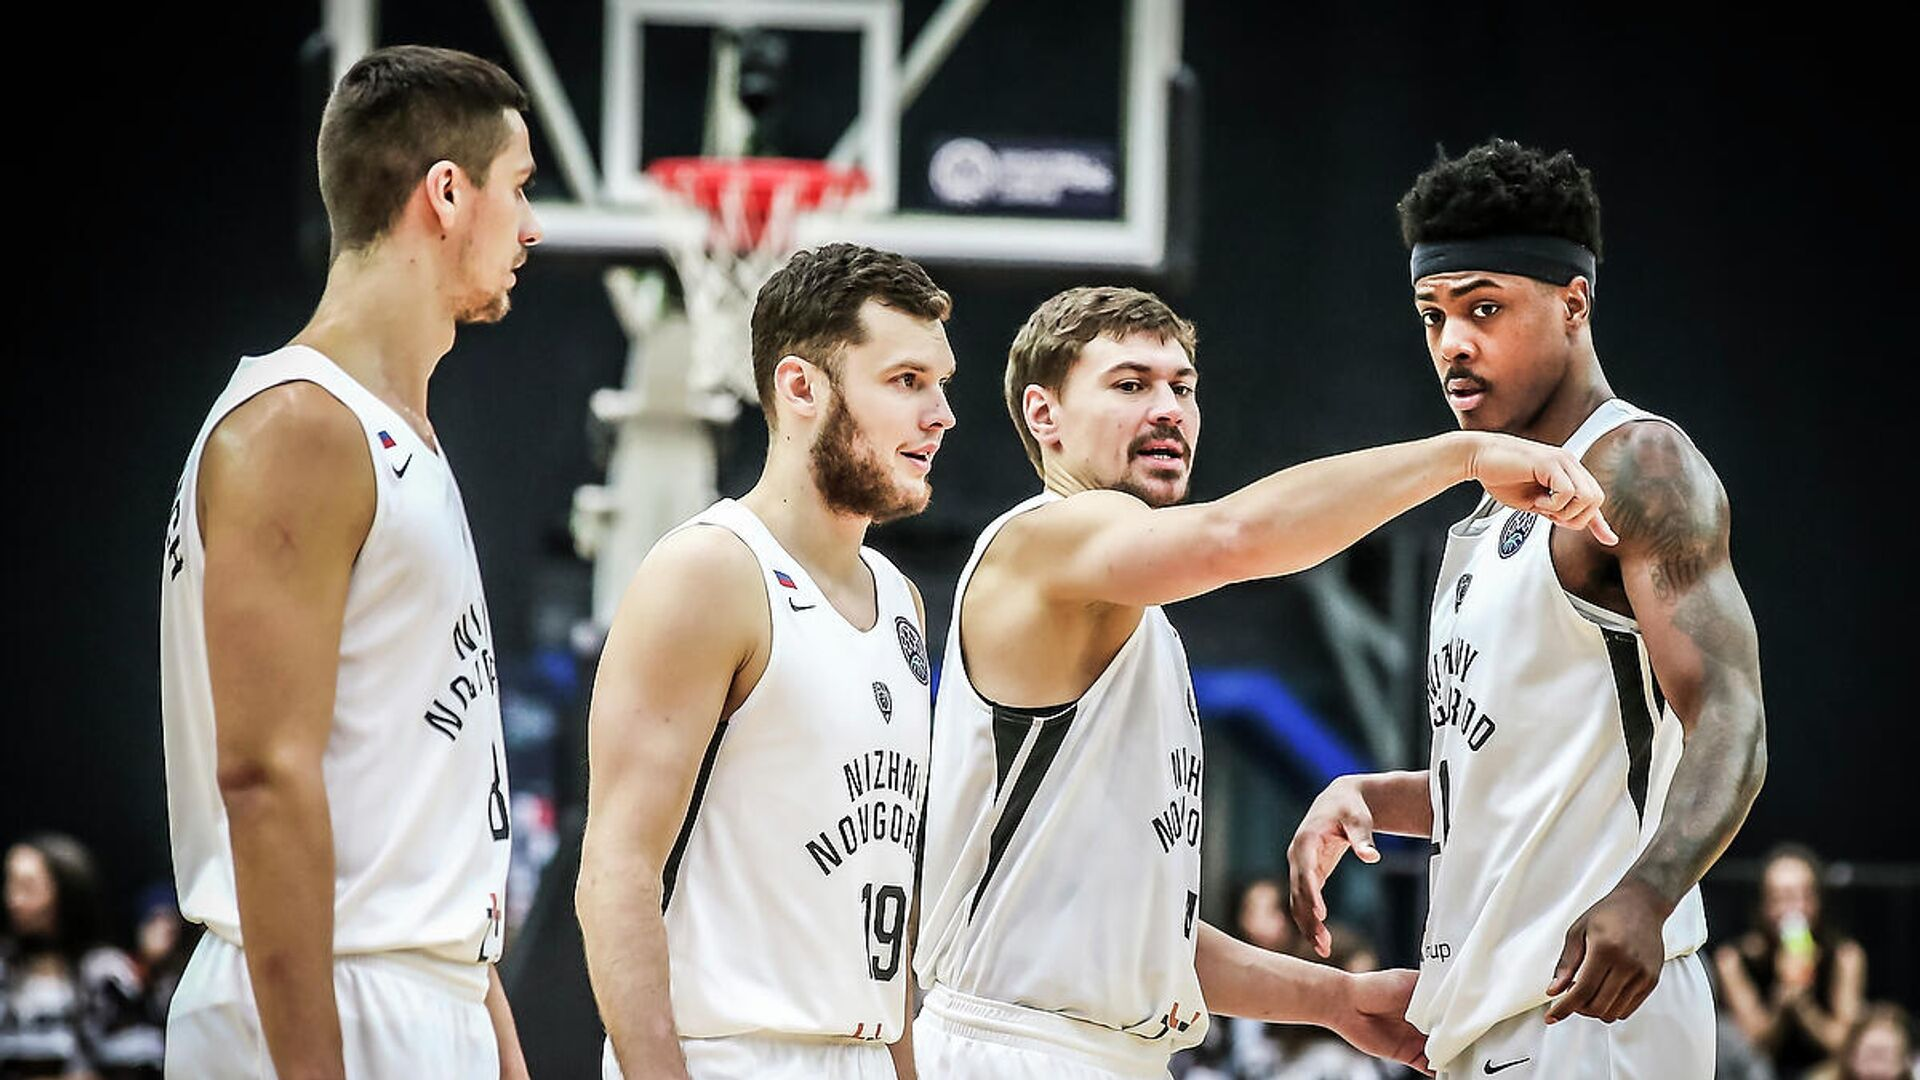 Баскетболисты Нижнего Новгорода - РИА Новости, 1920, 29.10.2020